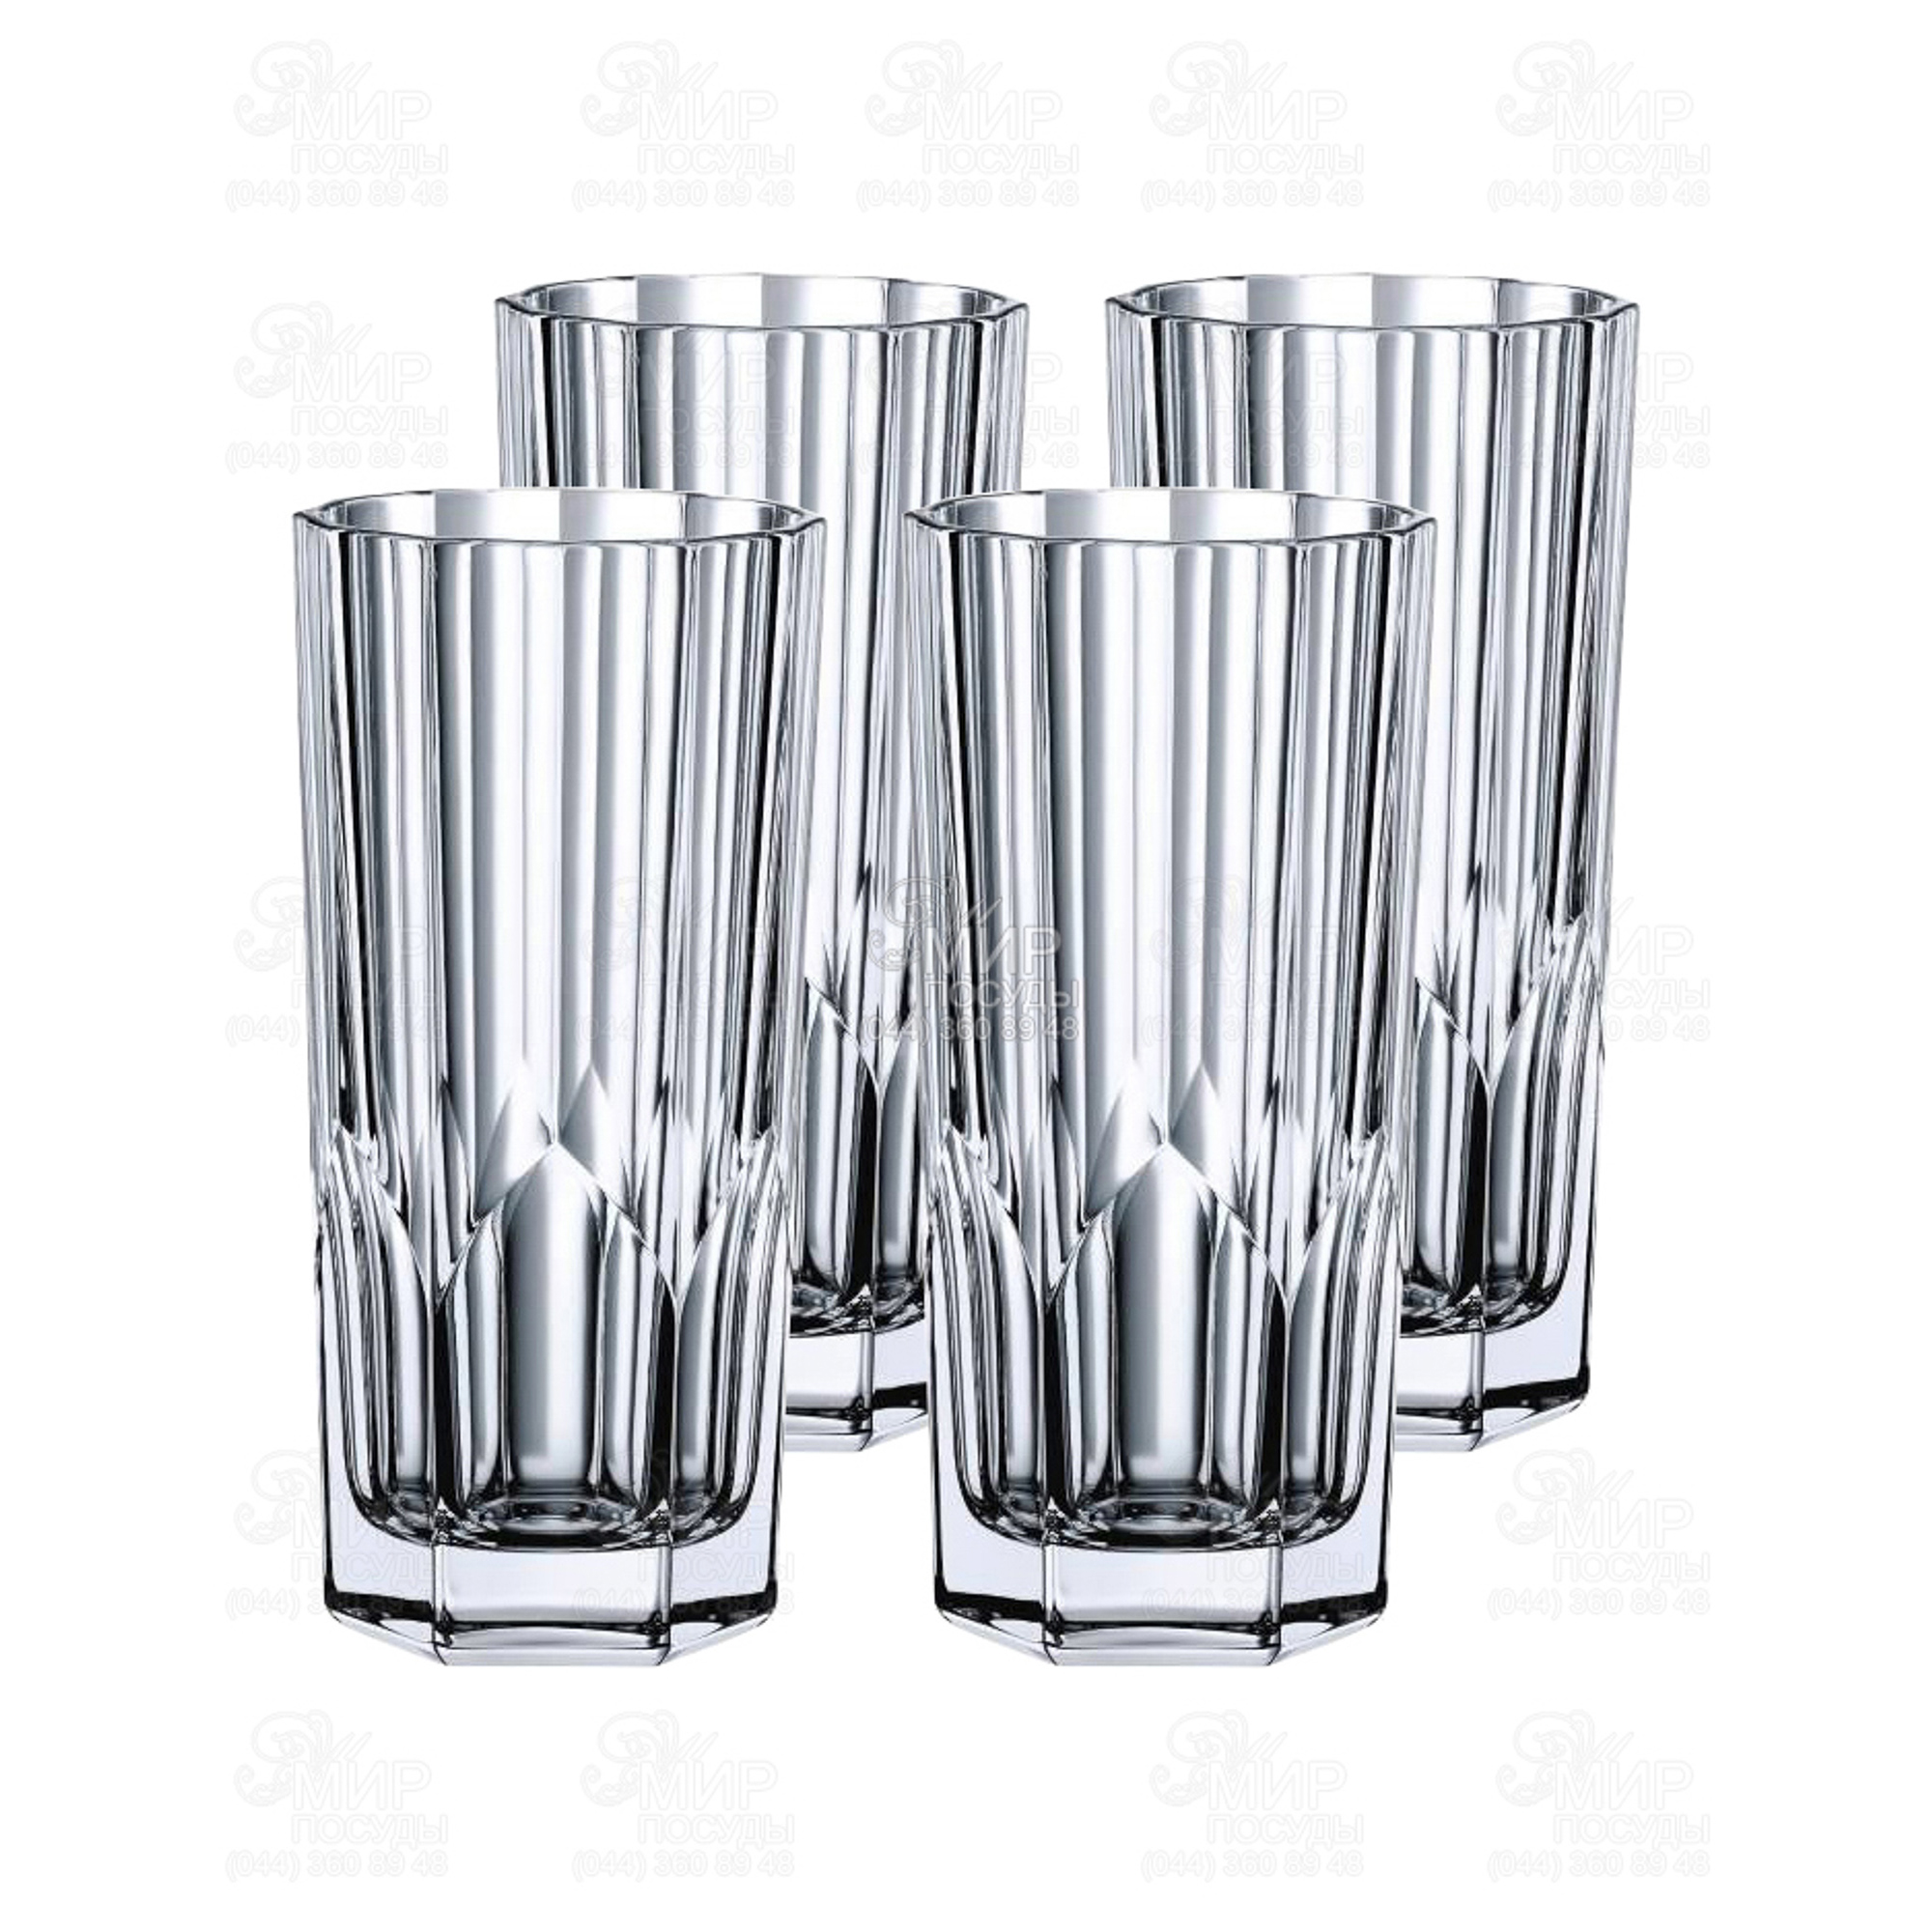 Набор стаканов 4 шт 309 мл хрусталь Nachtmann (92127)